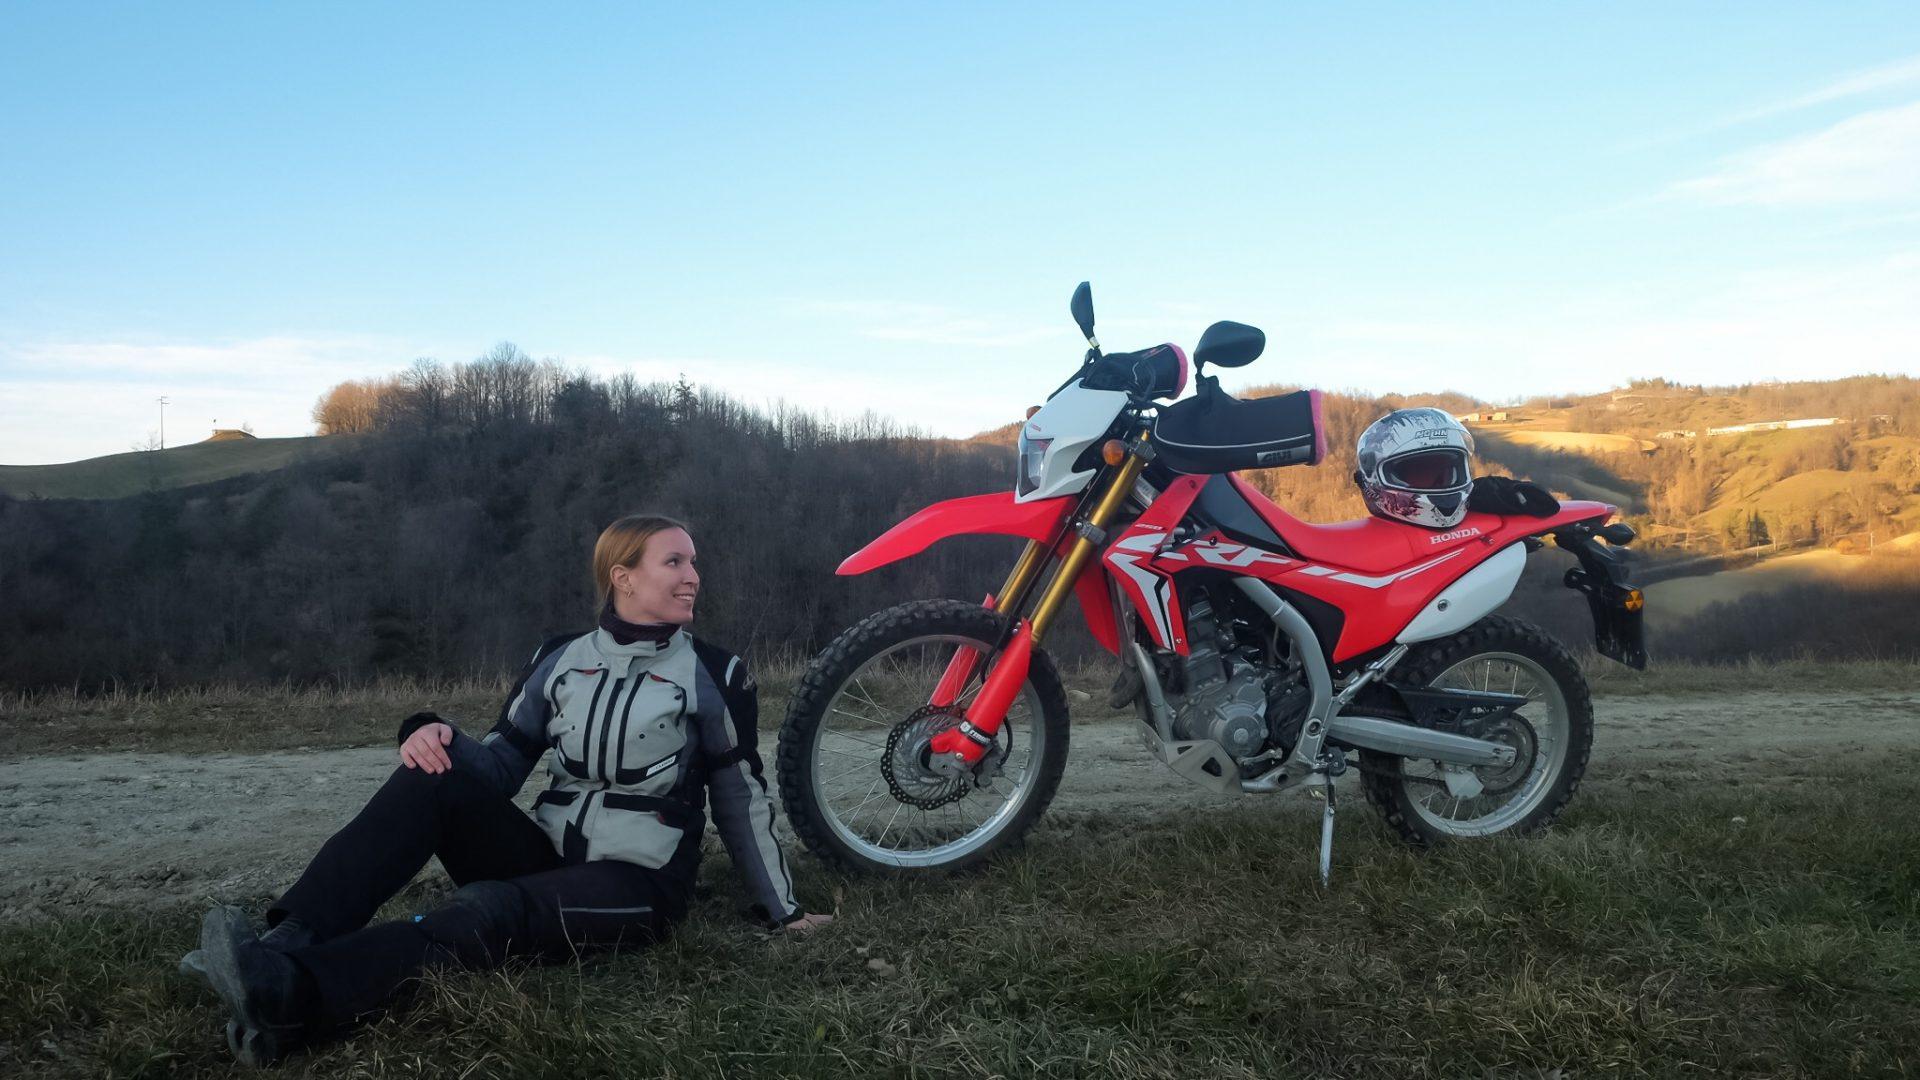 10-frasi-da-non-dire-mai-a-una-donna-motociclista